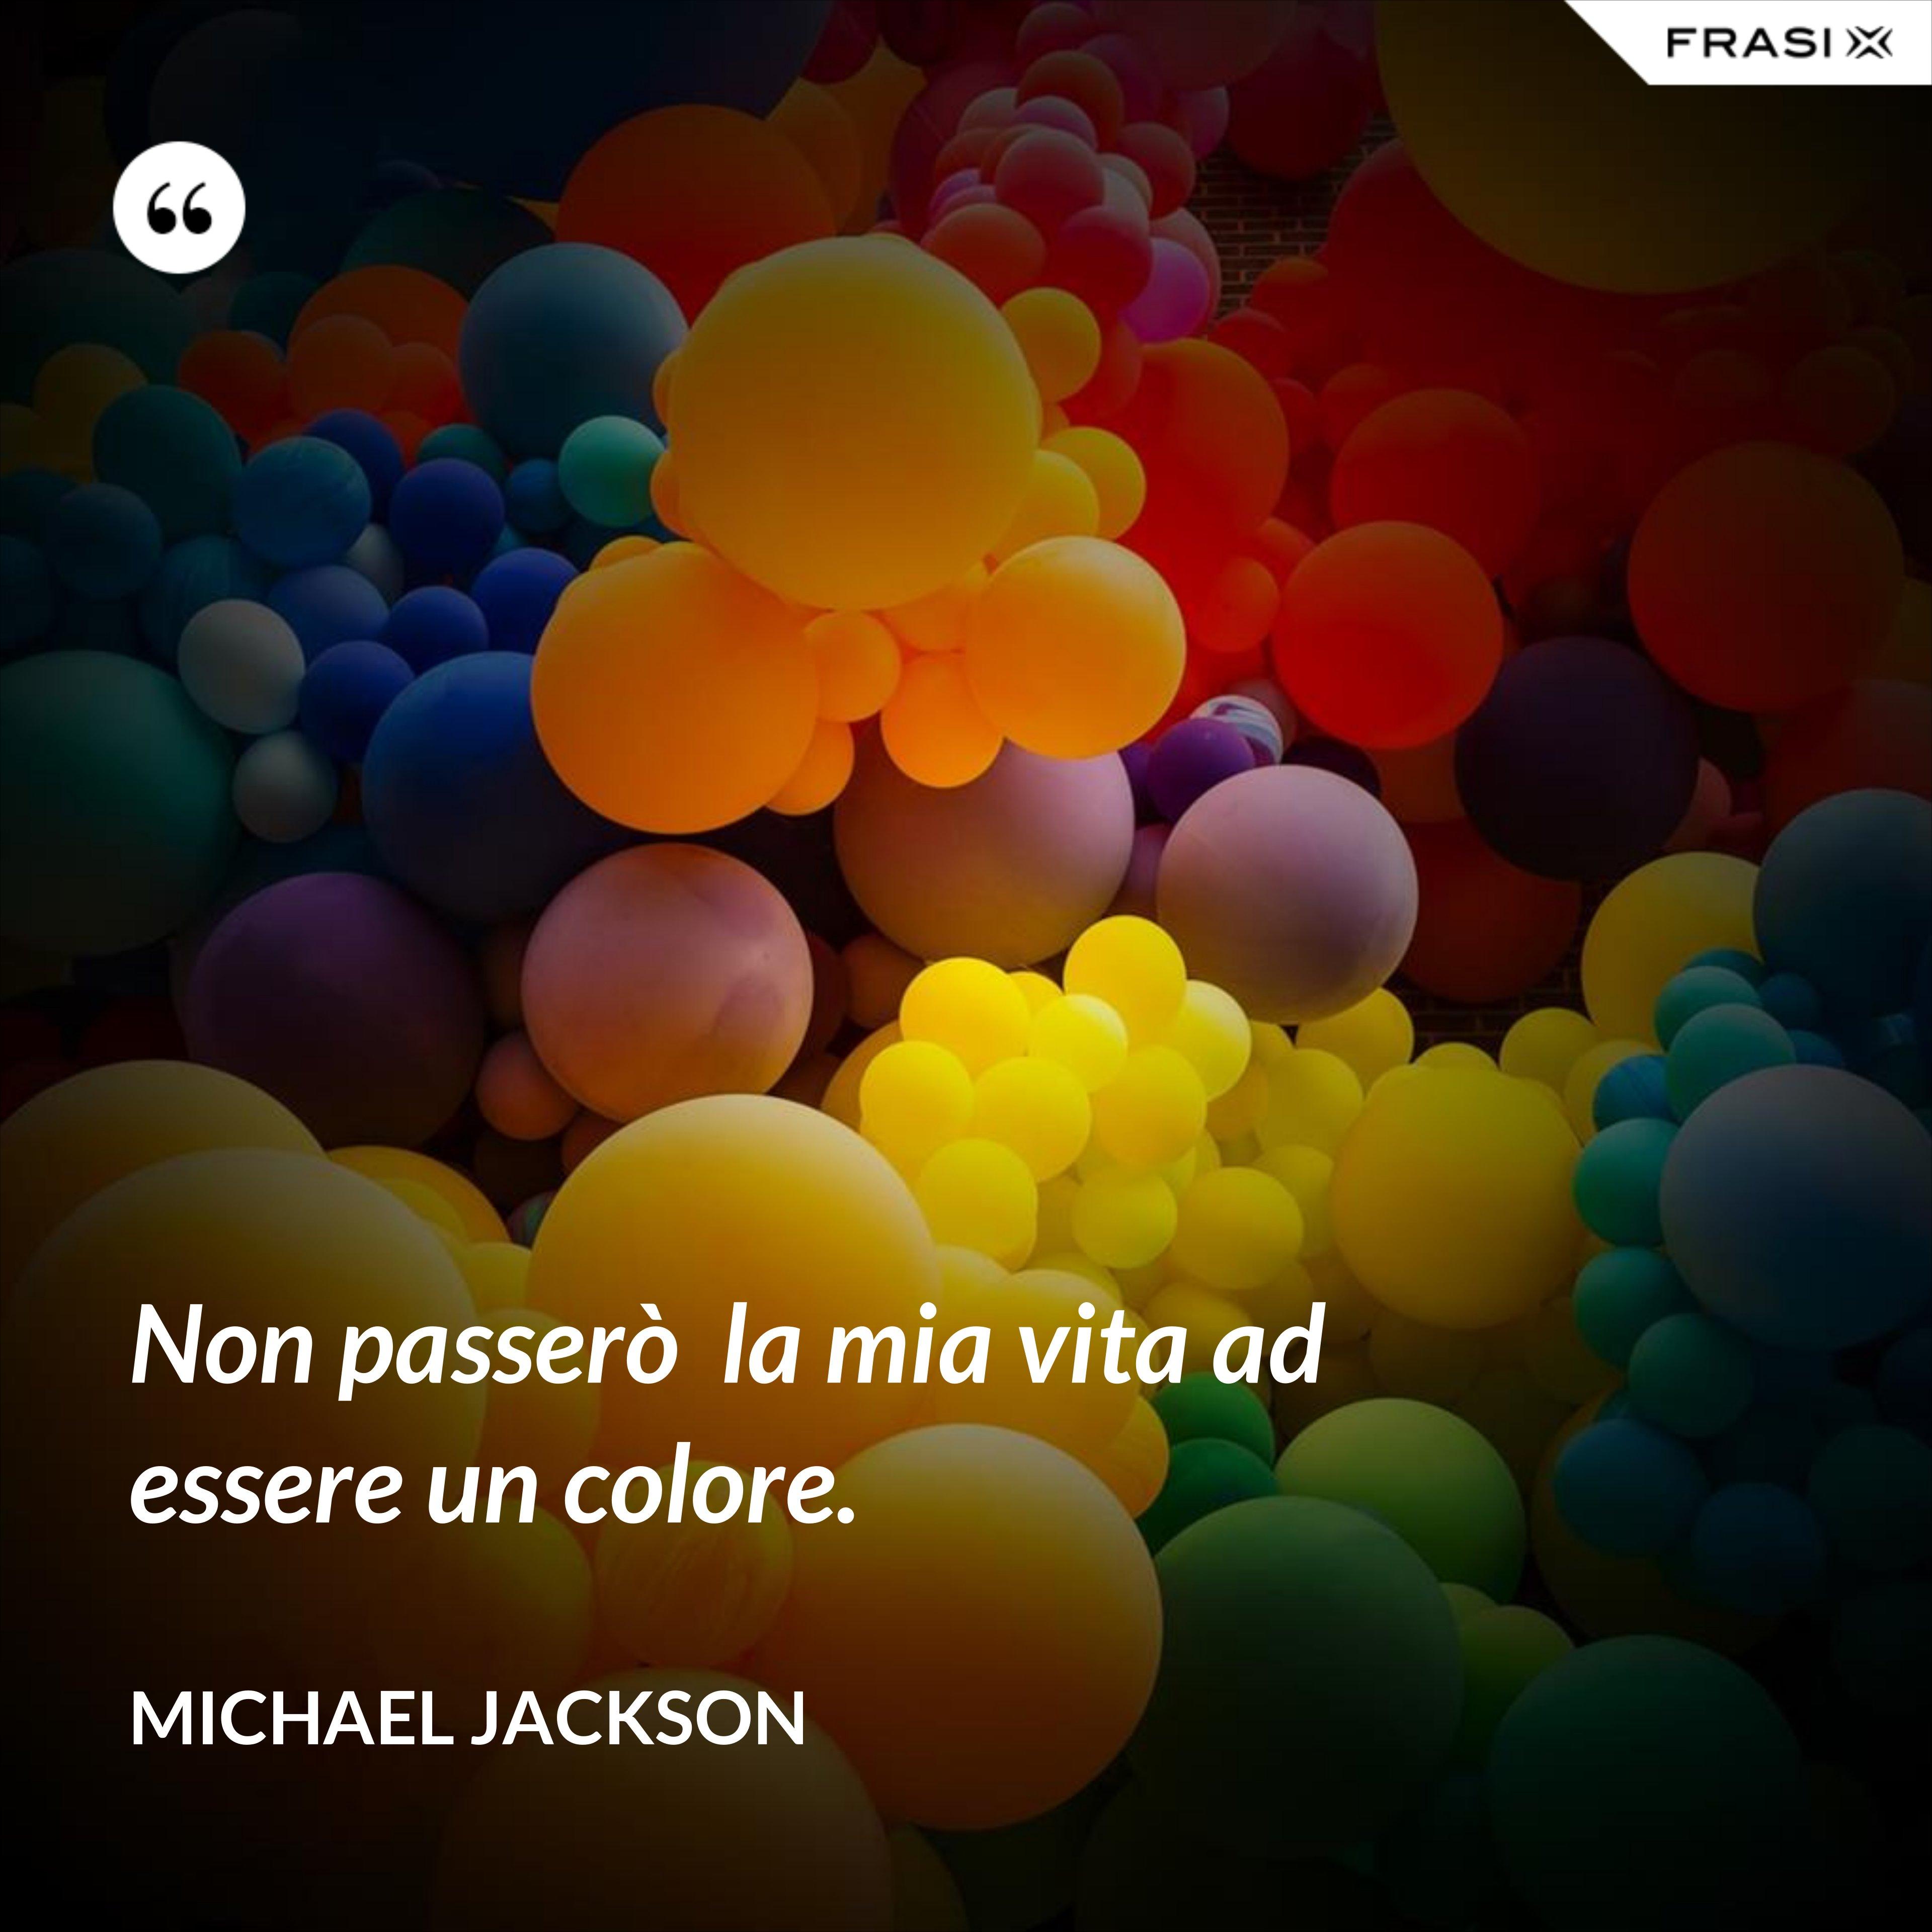 Non passerò  la mia vita ad essere un colore. - Michael Jackson